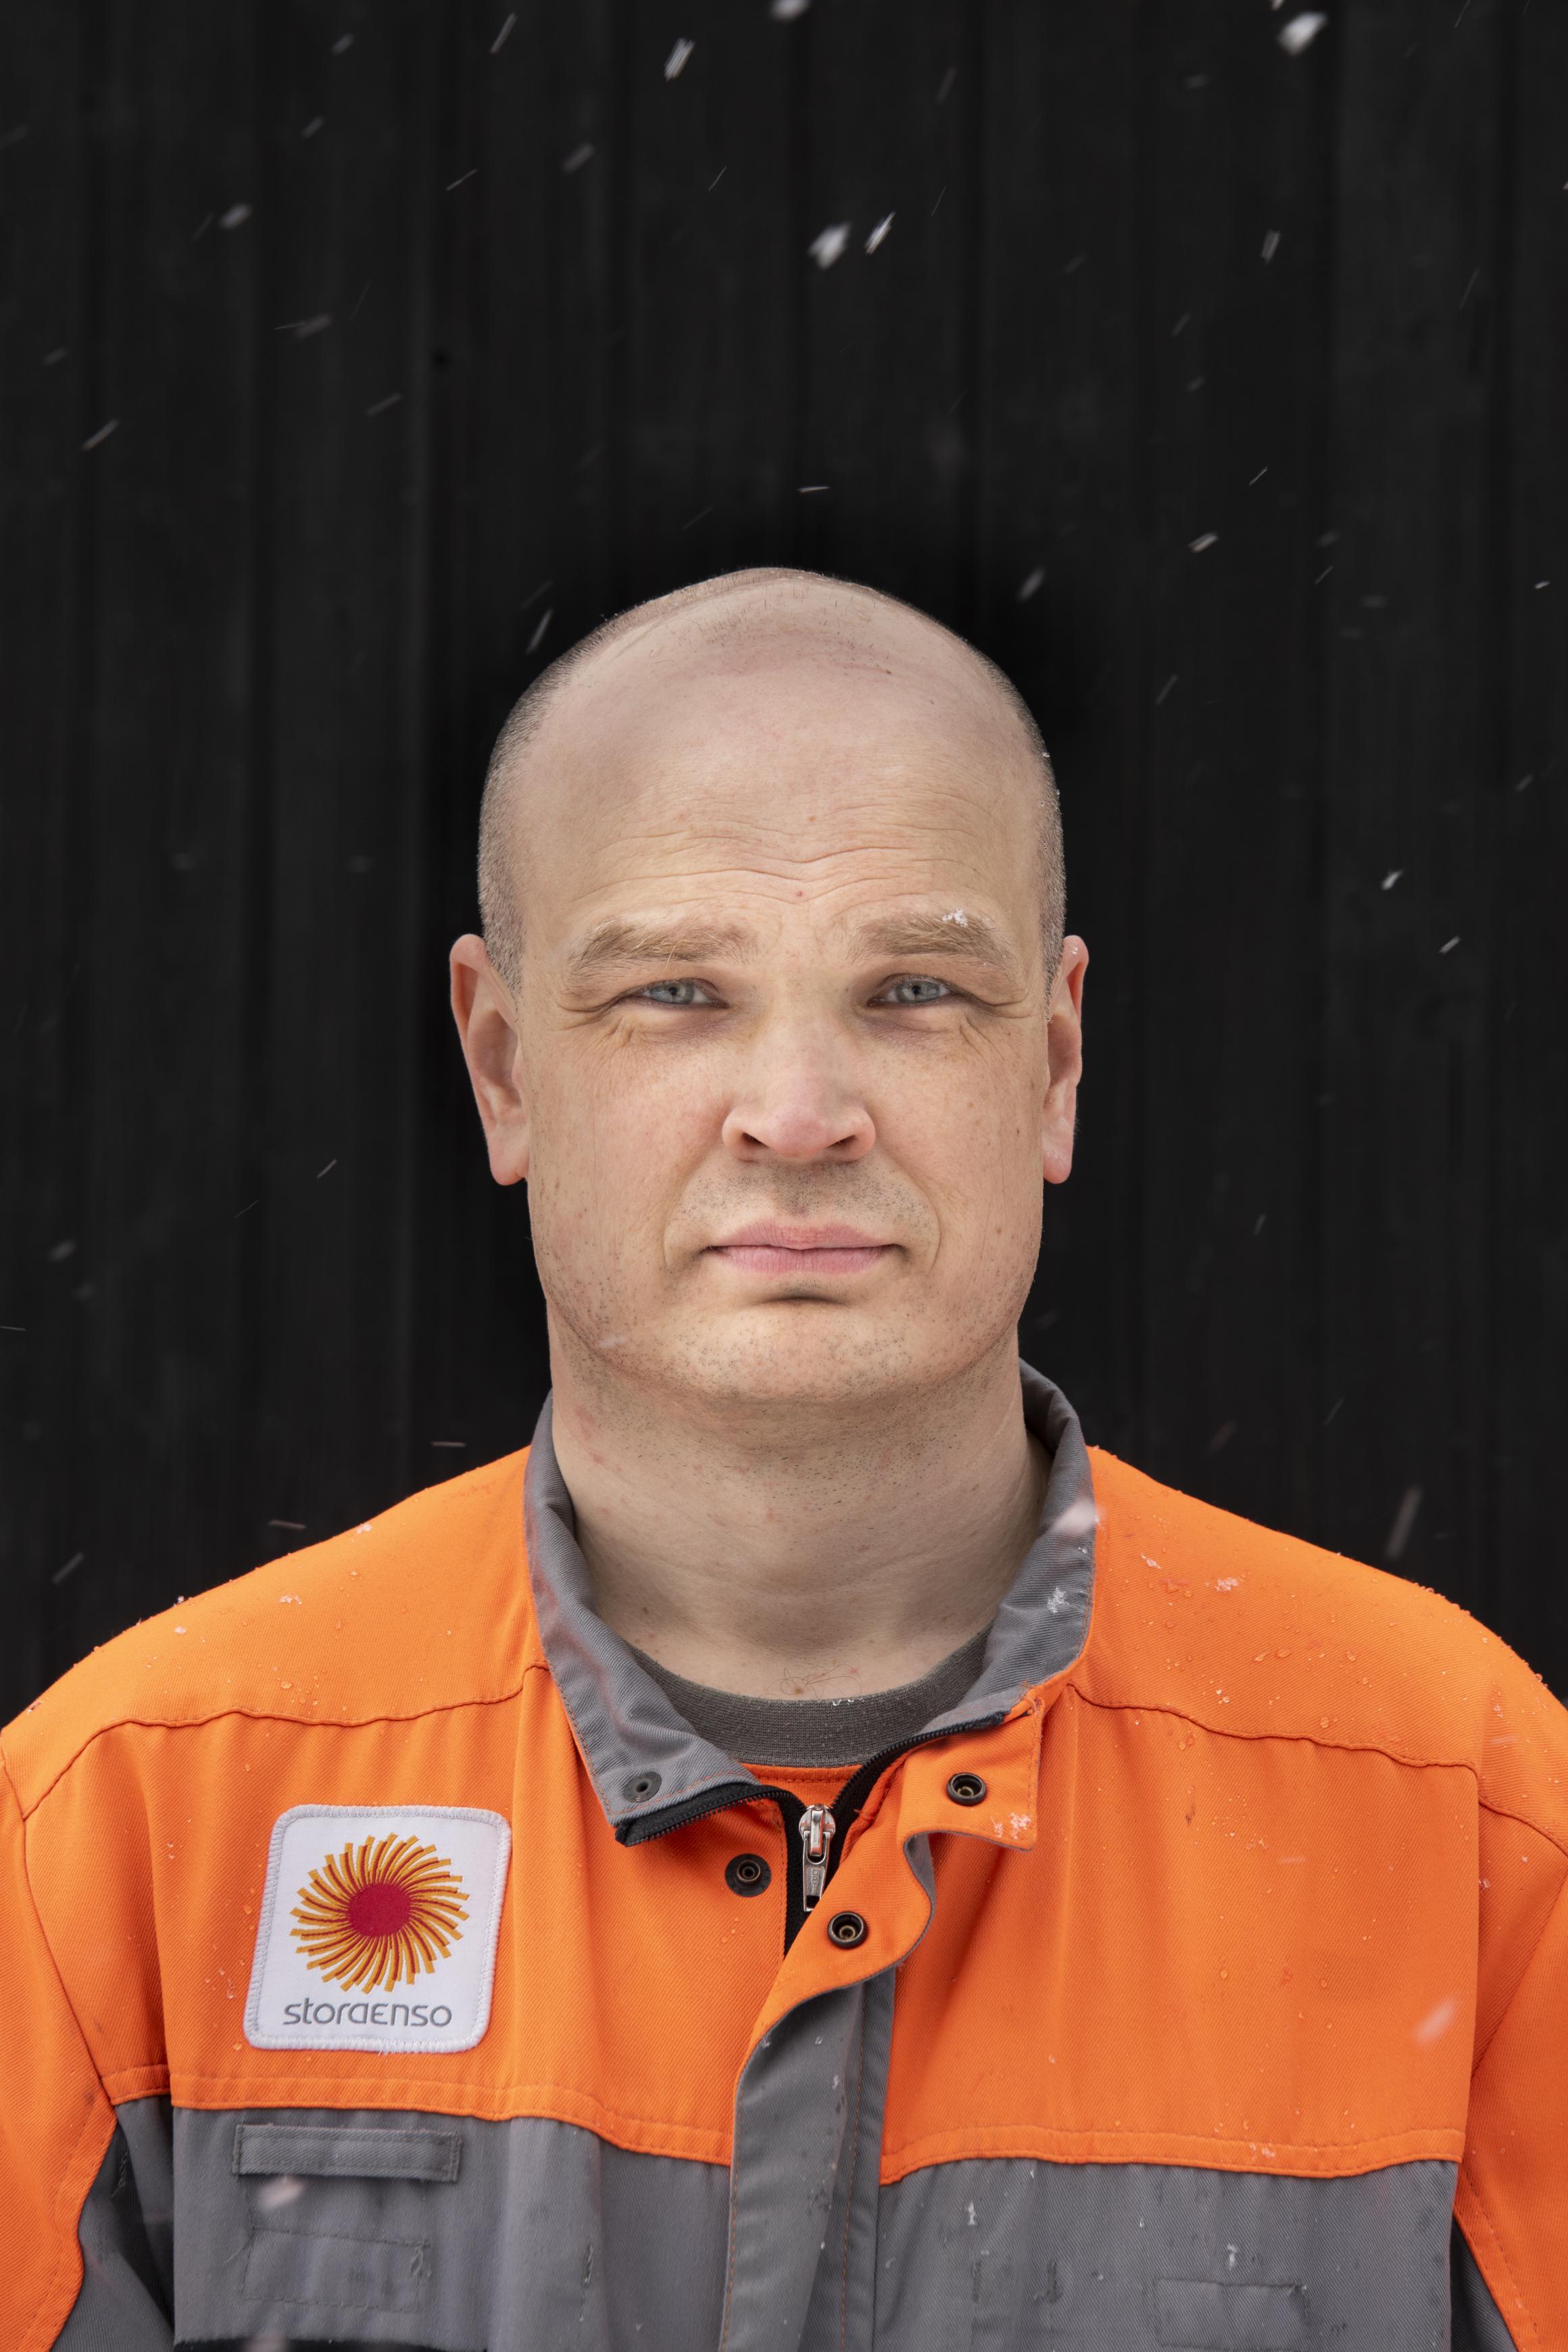 Mikko Siljander on operaattori Stora Enso Packagingin Lahden tehtaassa. Kuvaus tapahtui ulkona turvaväliä noudattaen.